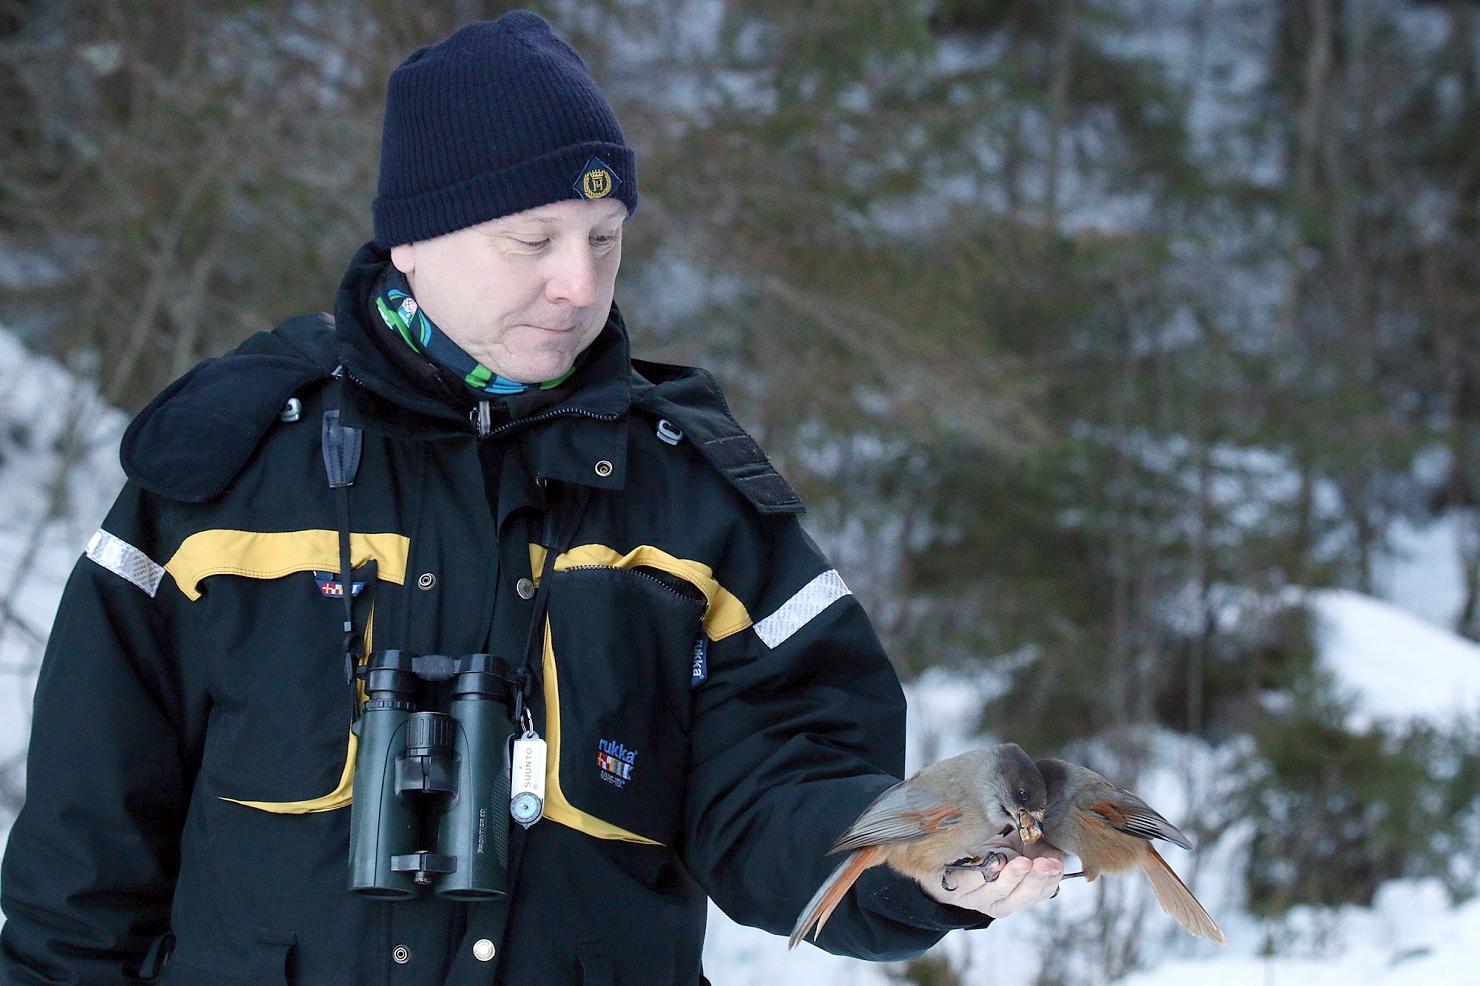 Vuoden retkikummi 2018 Jari Kiljunen. Kuva: Harri Partanen